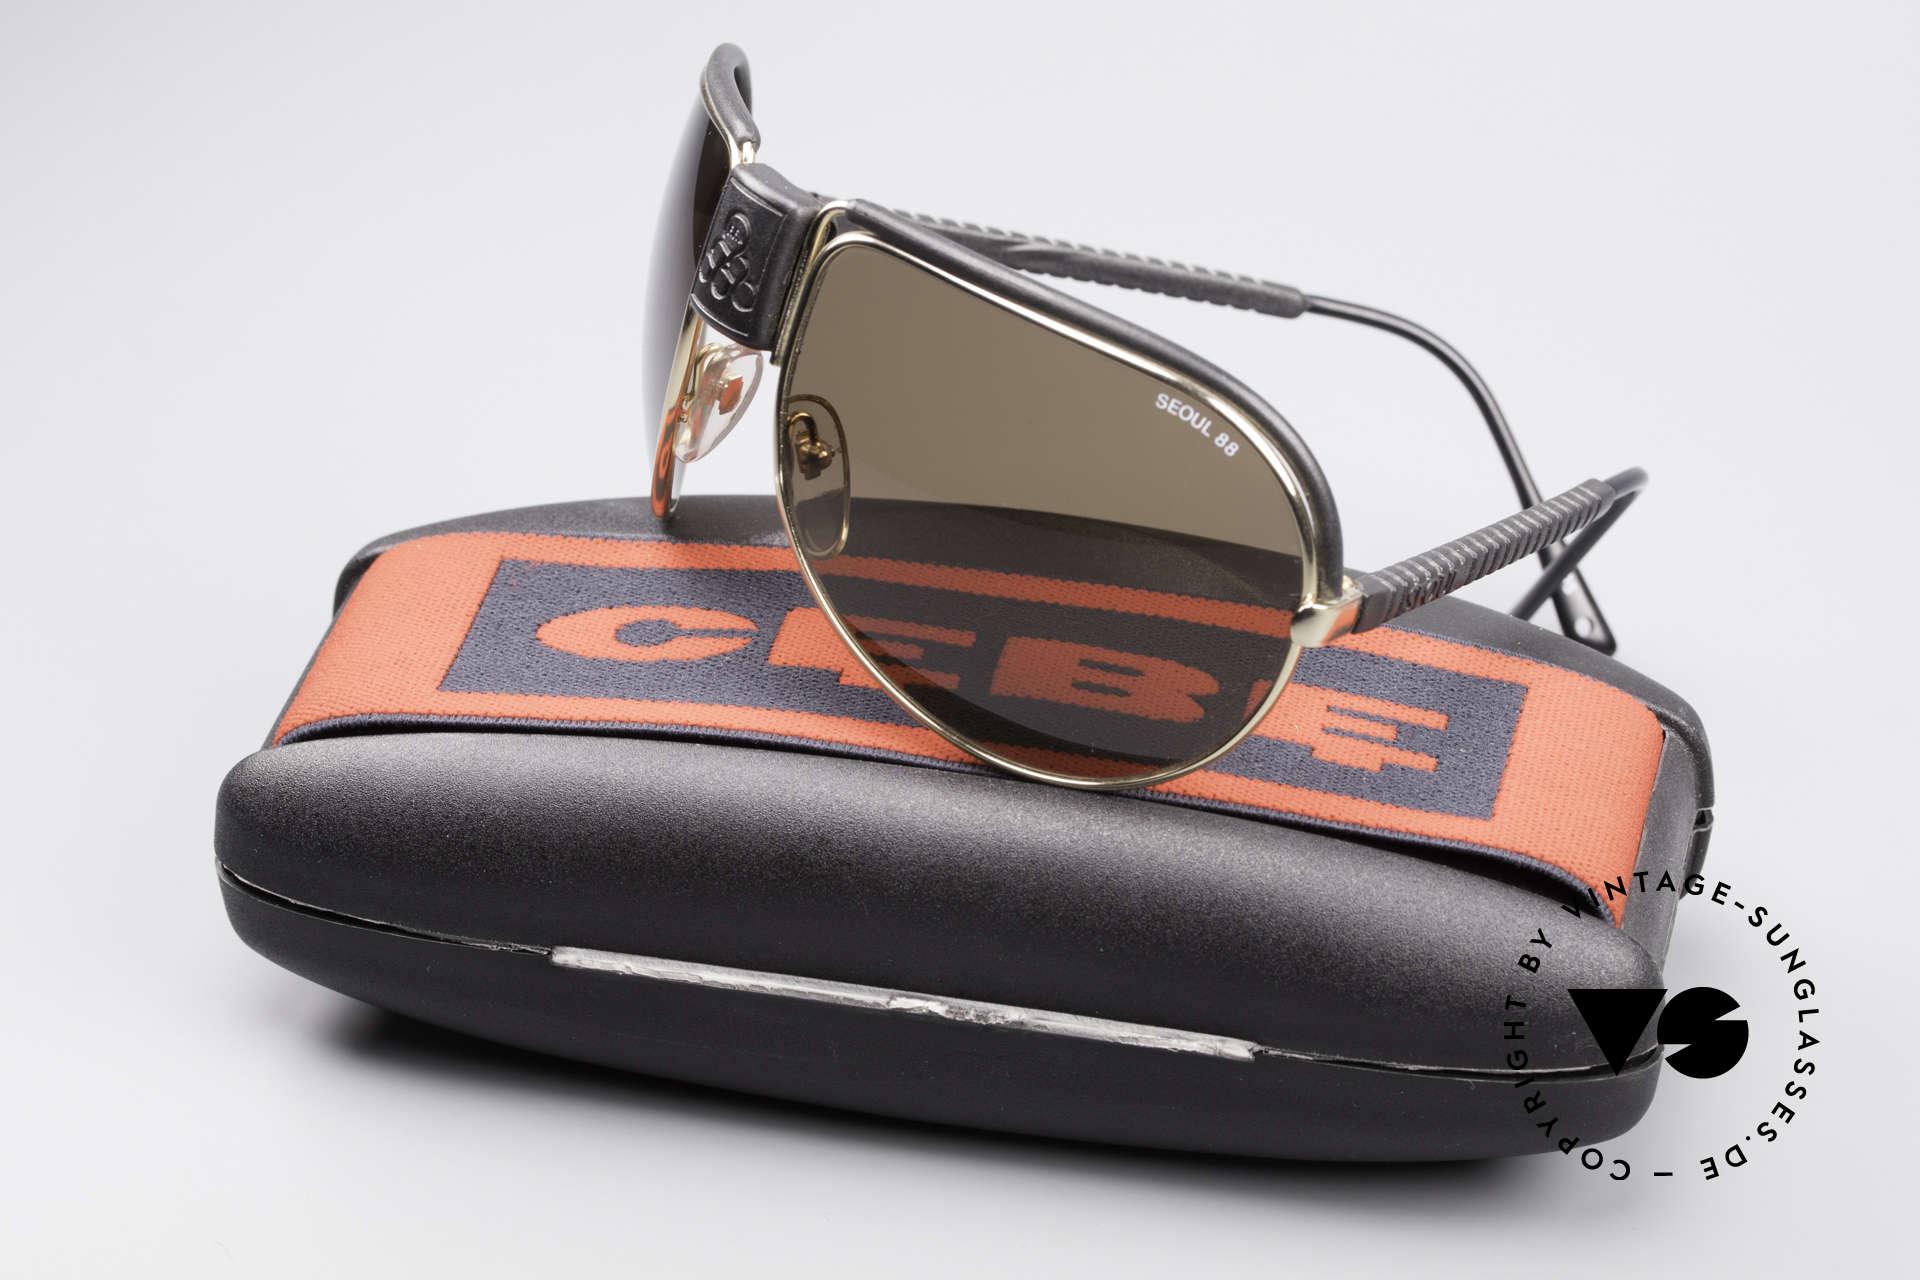 Cebe Seoul 88 Olympische Spiele Brille, ungetragen (wie alle unsere vintage Sportsonnenbrillen), Passend für Herren